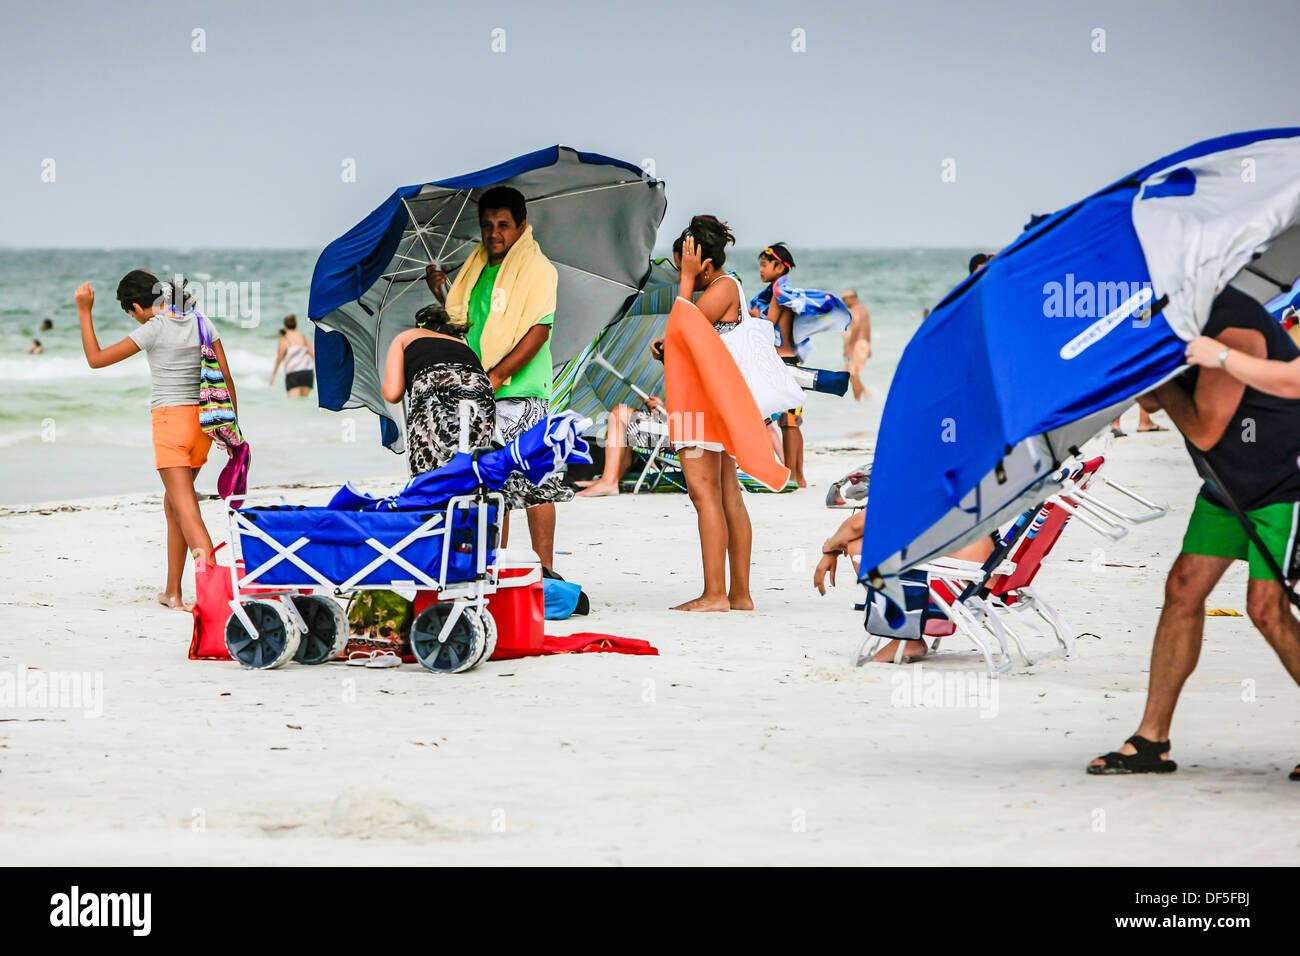 Les gens d'essayer de supprimer des parasols au cours d'une tempête de vent sur Siesta Key Beach Florida Photo Stock